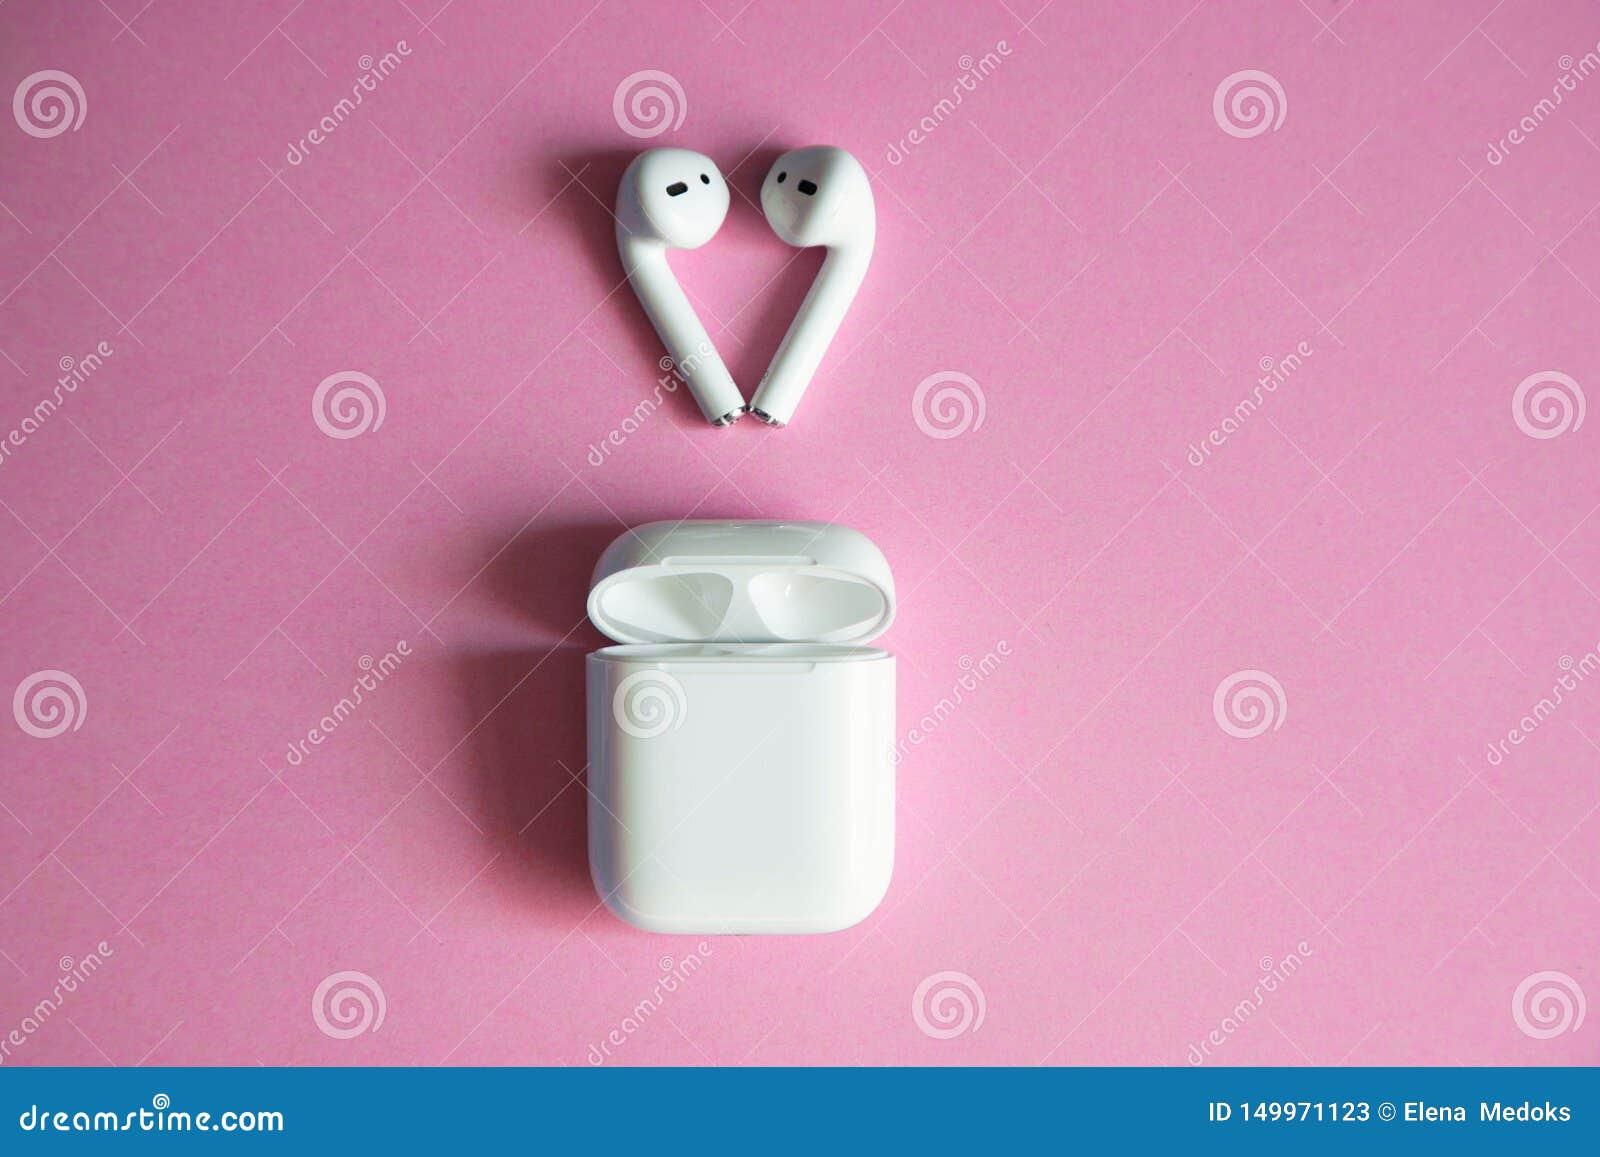 Fones de ouvido sem fio brancos que encontram-se sobre um carregador aberto em um fundo cor-de-rosa Lugar para o texto